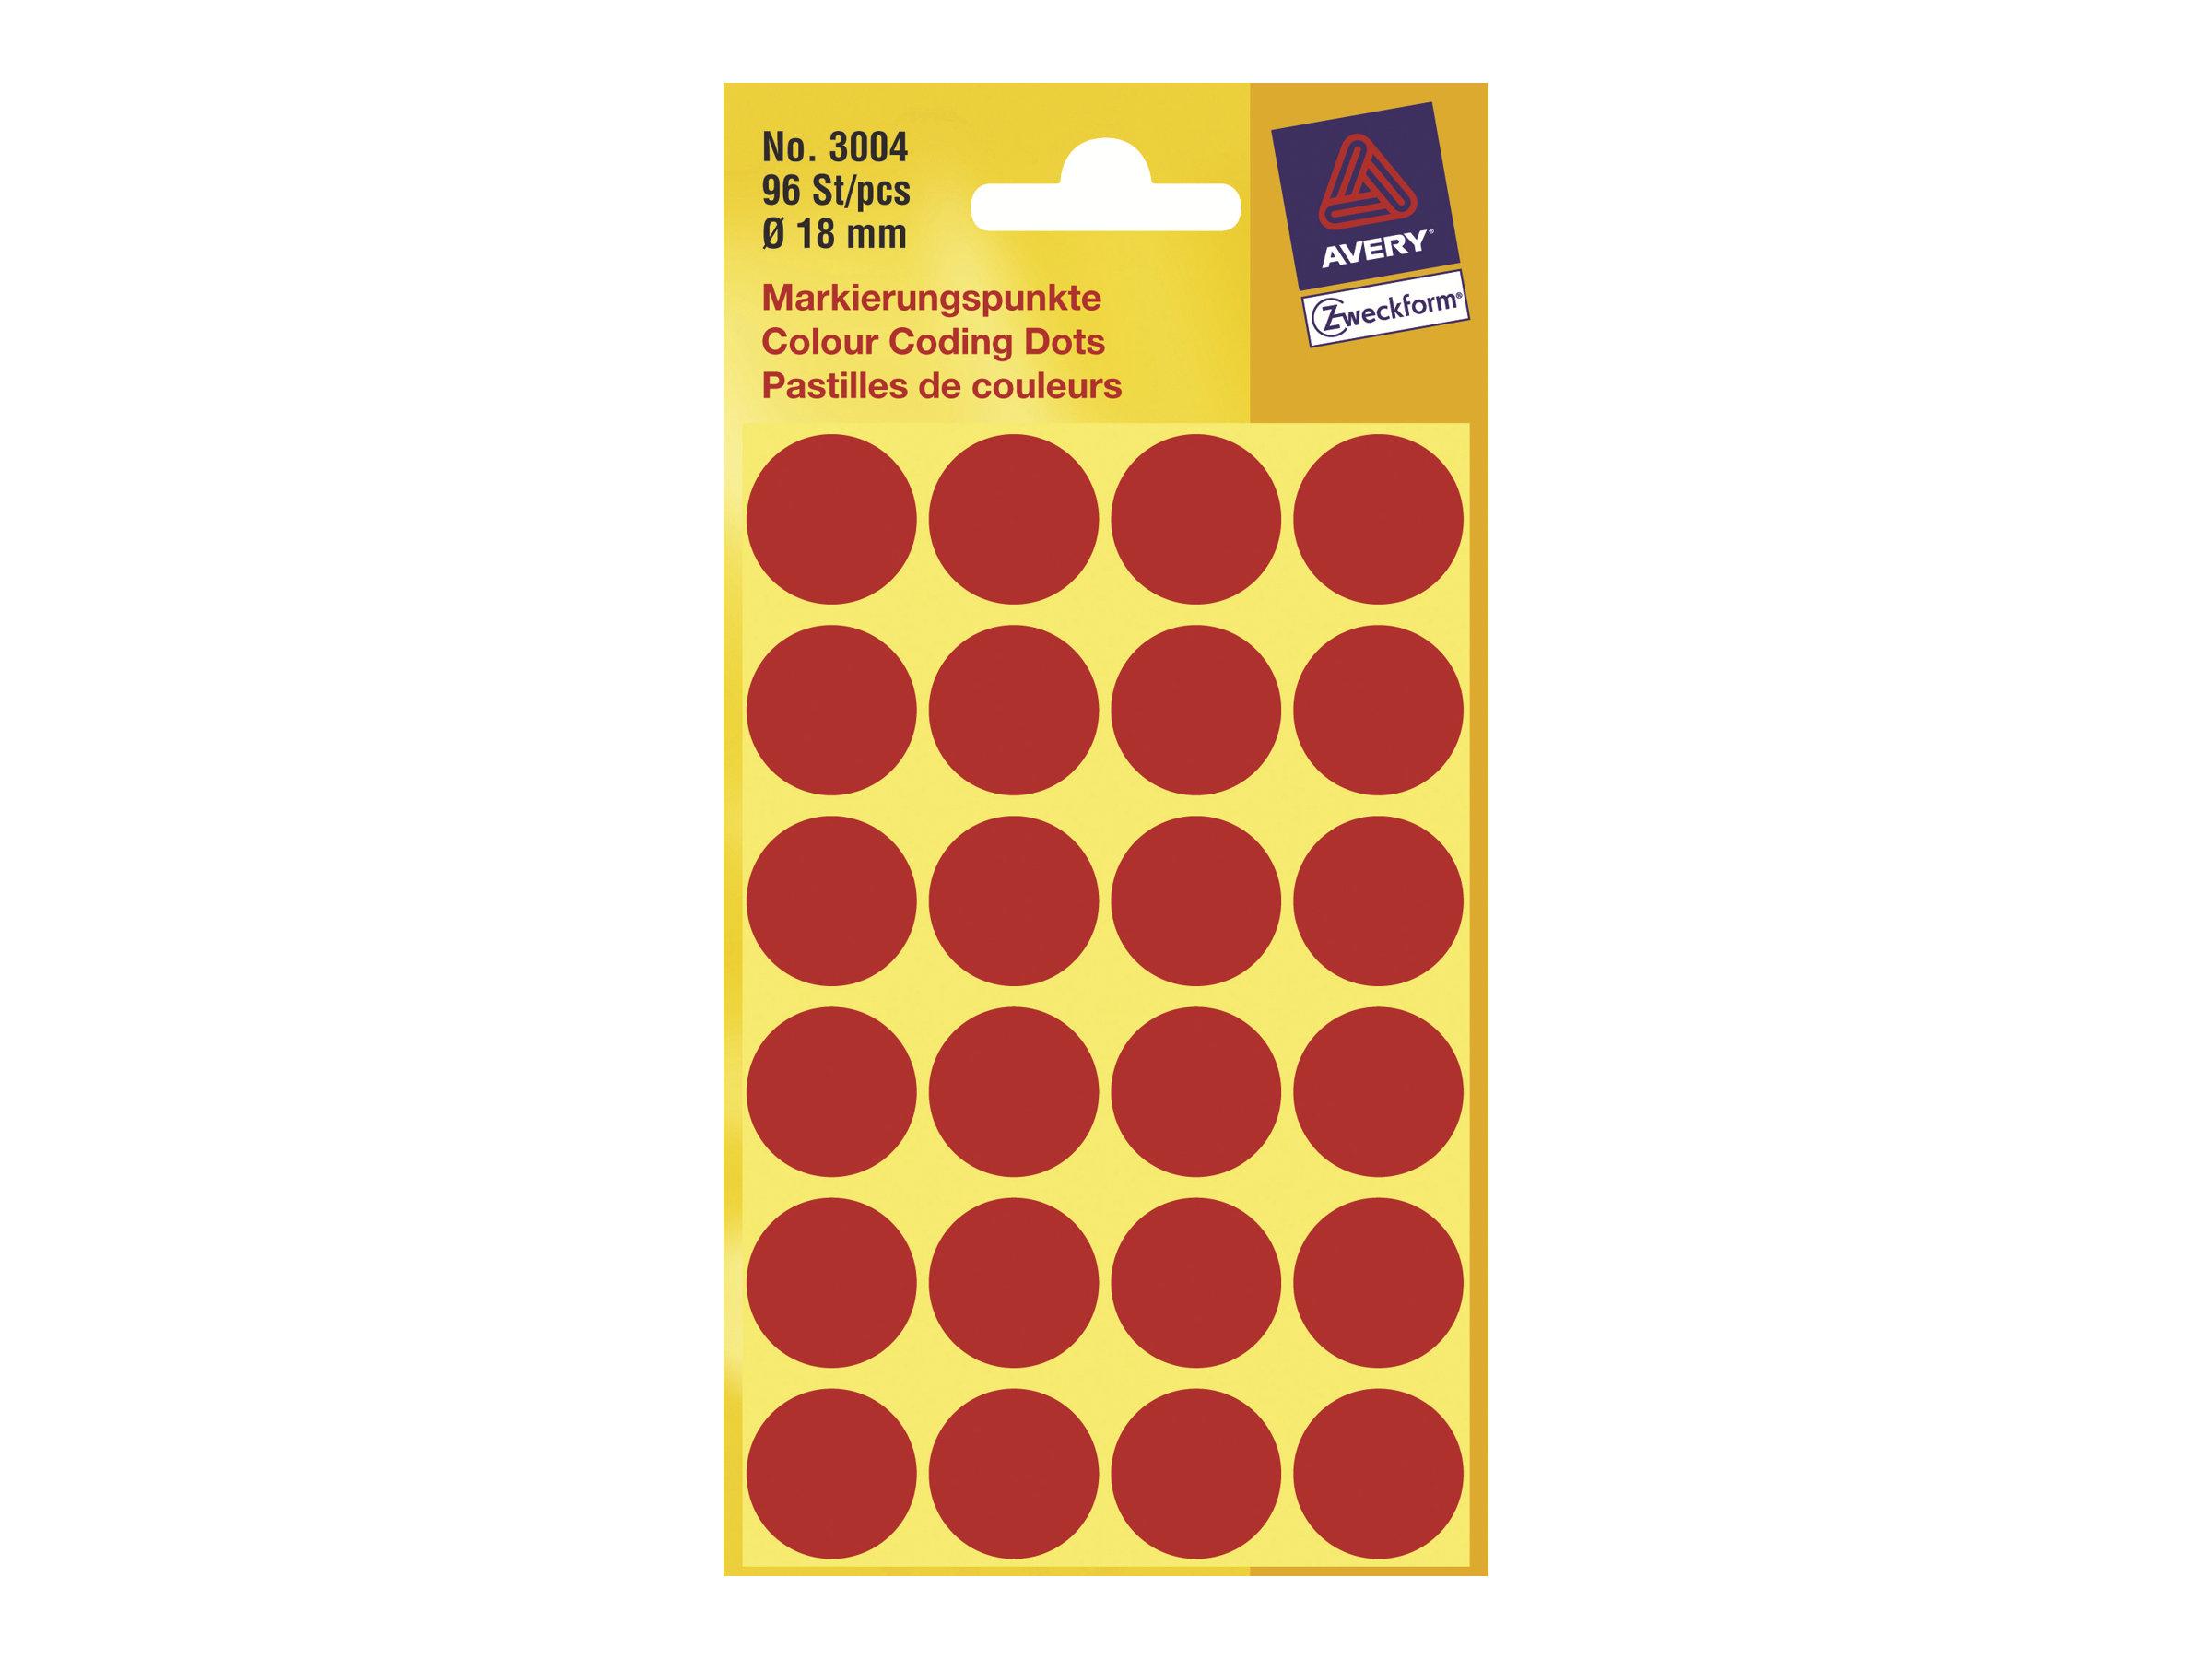 Avery Zweckform - Selbstklebend - Rot - 18 mm rund 96 Etikett(en) (4 Bogen x 24) runde Etiketten